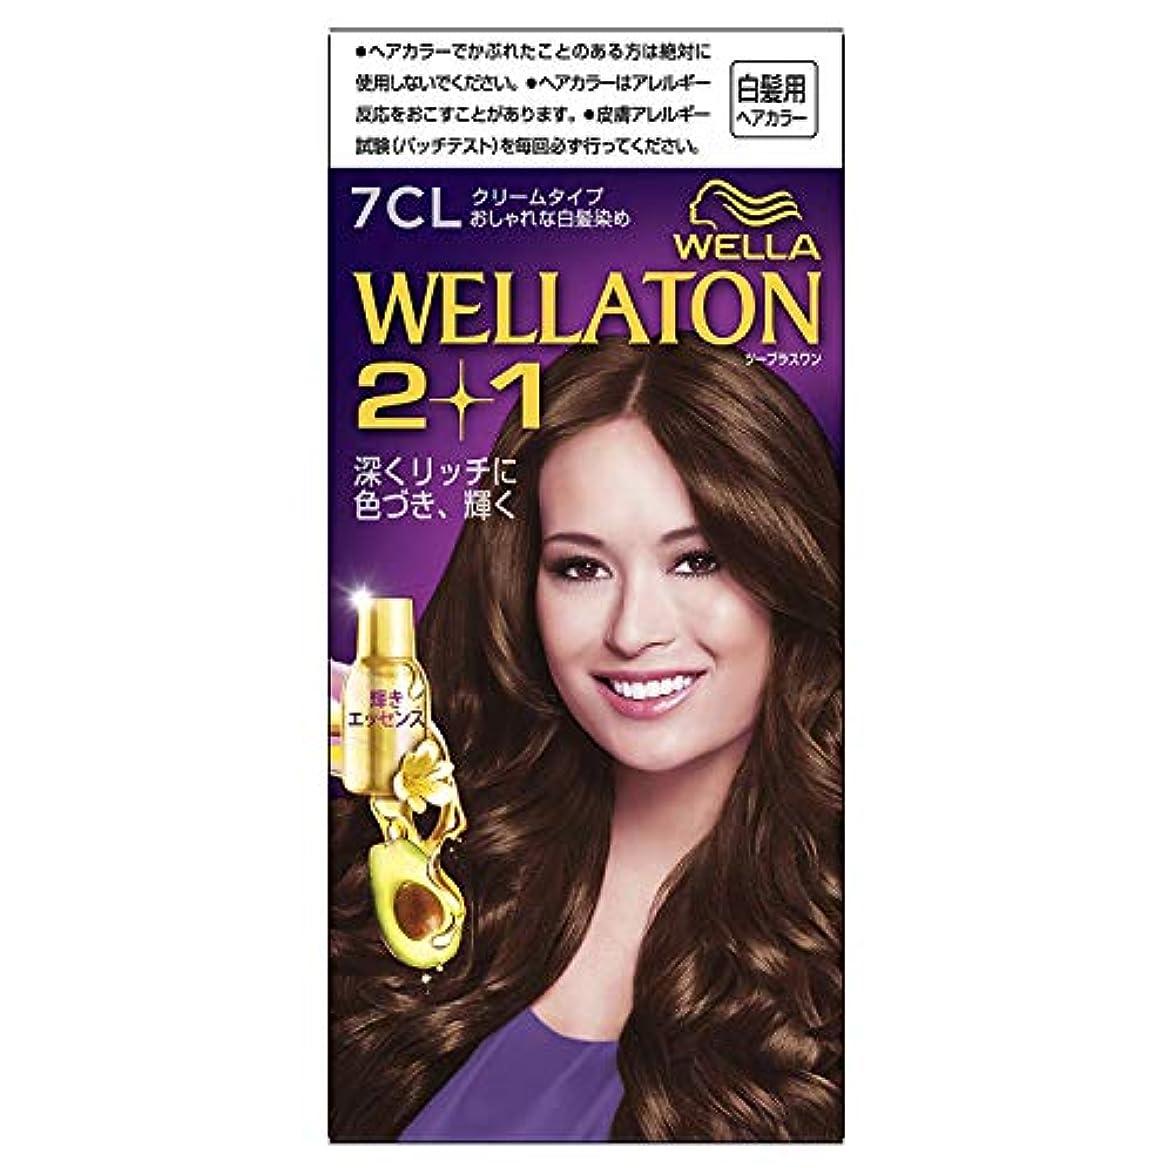 姉妹解決コロニアルウエラトーン2+1 白髪染め クリームタイプ 7CL [医薬部外品] ×6個